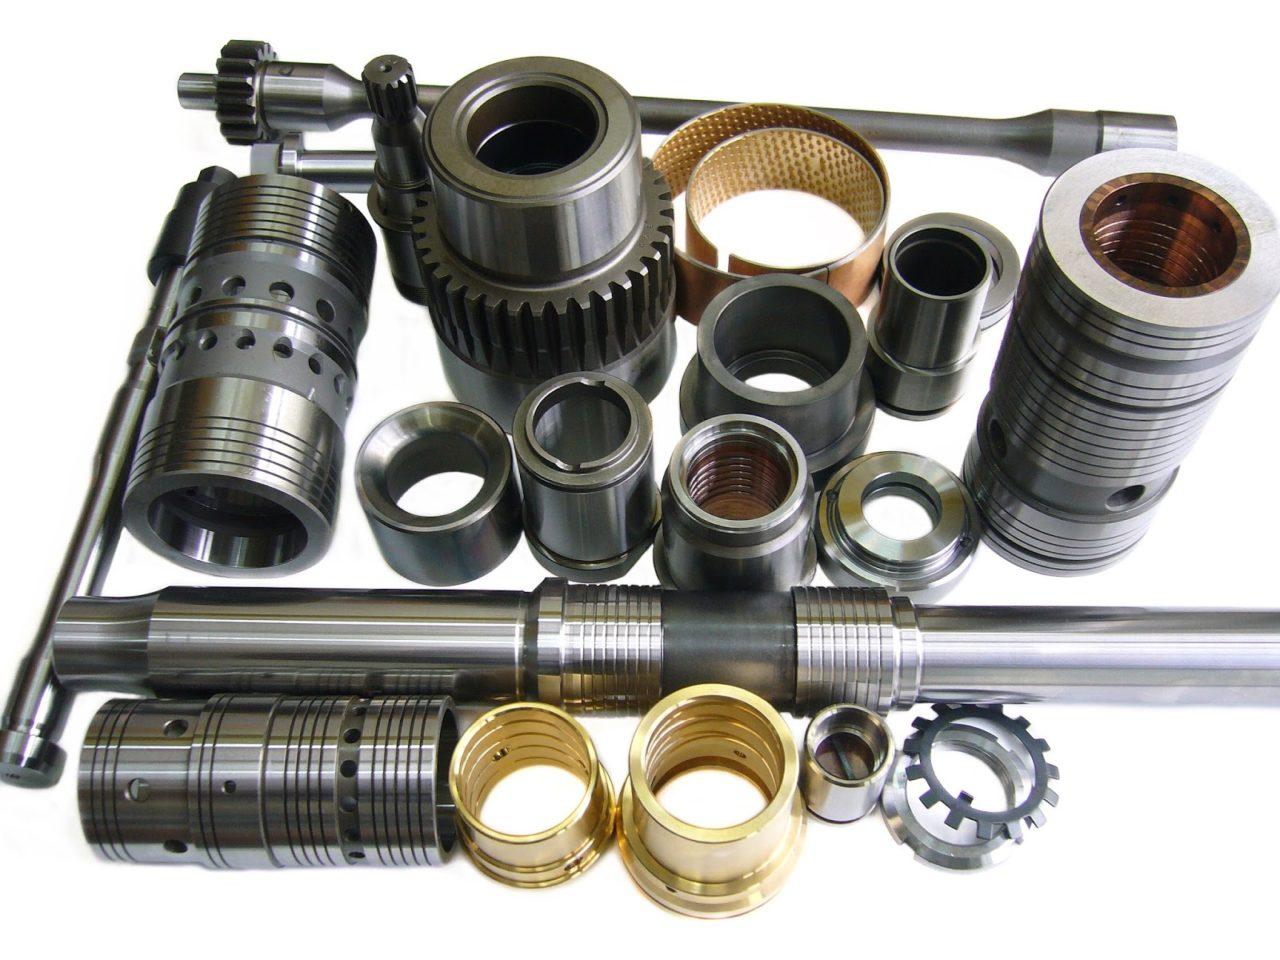 HL510 jumbosan machine spare parts manufacturer mining tunnel drilling blasting atlas copco epiroc sandvik tamrock furukawa montabert ıngersoll rand